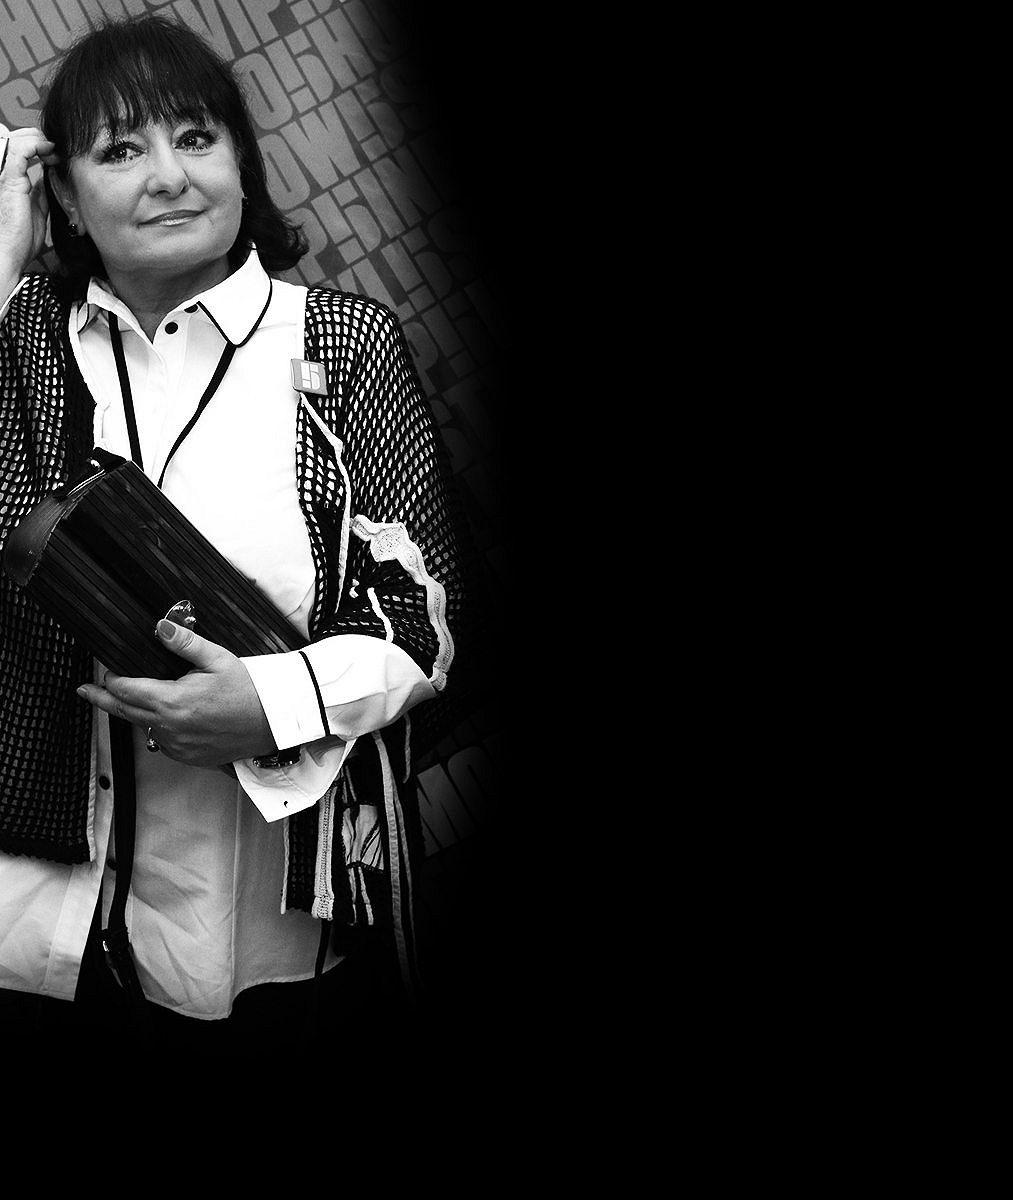 Zdrceného manžela Evy Jurinové (✝67) rozhořčily nepravdy osmrti jeho ženy: Pořád mám právo ji chránit